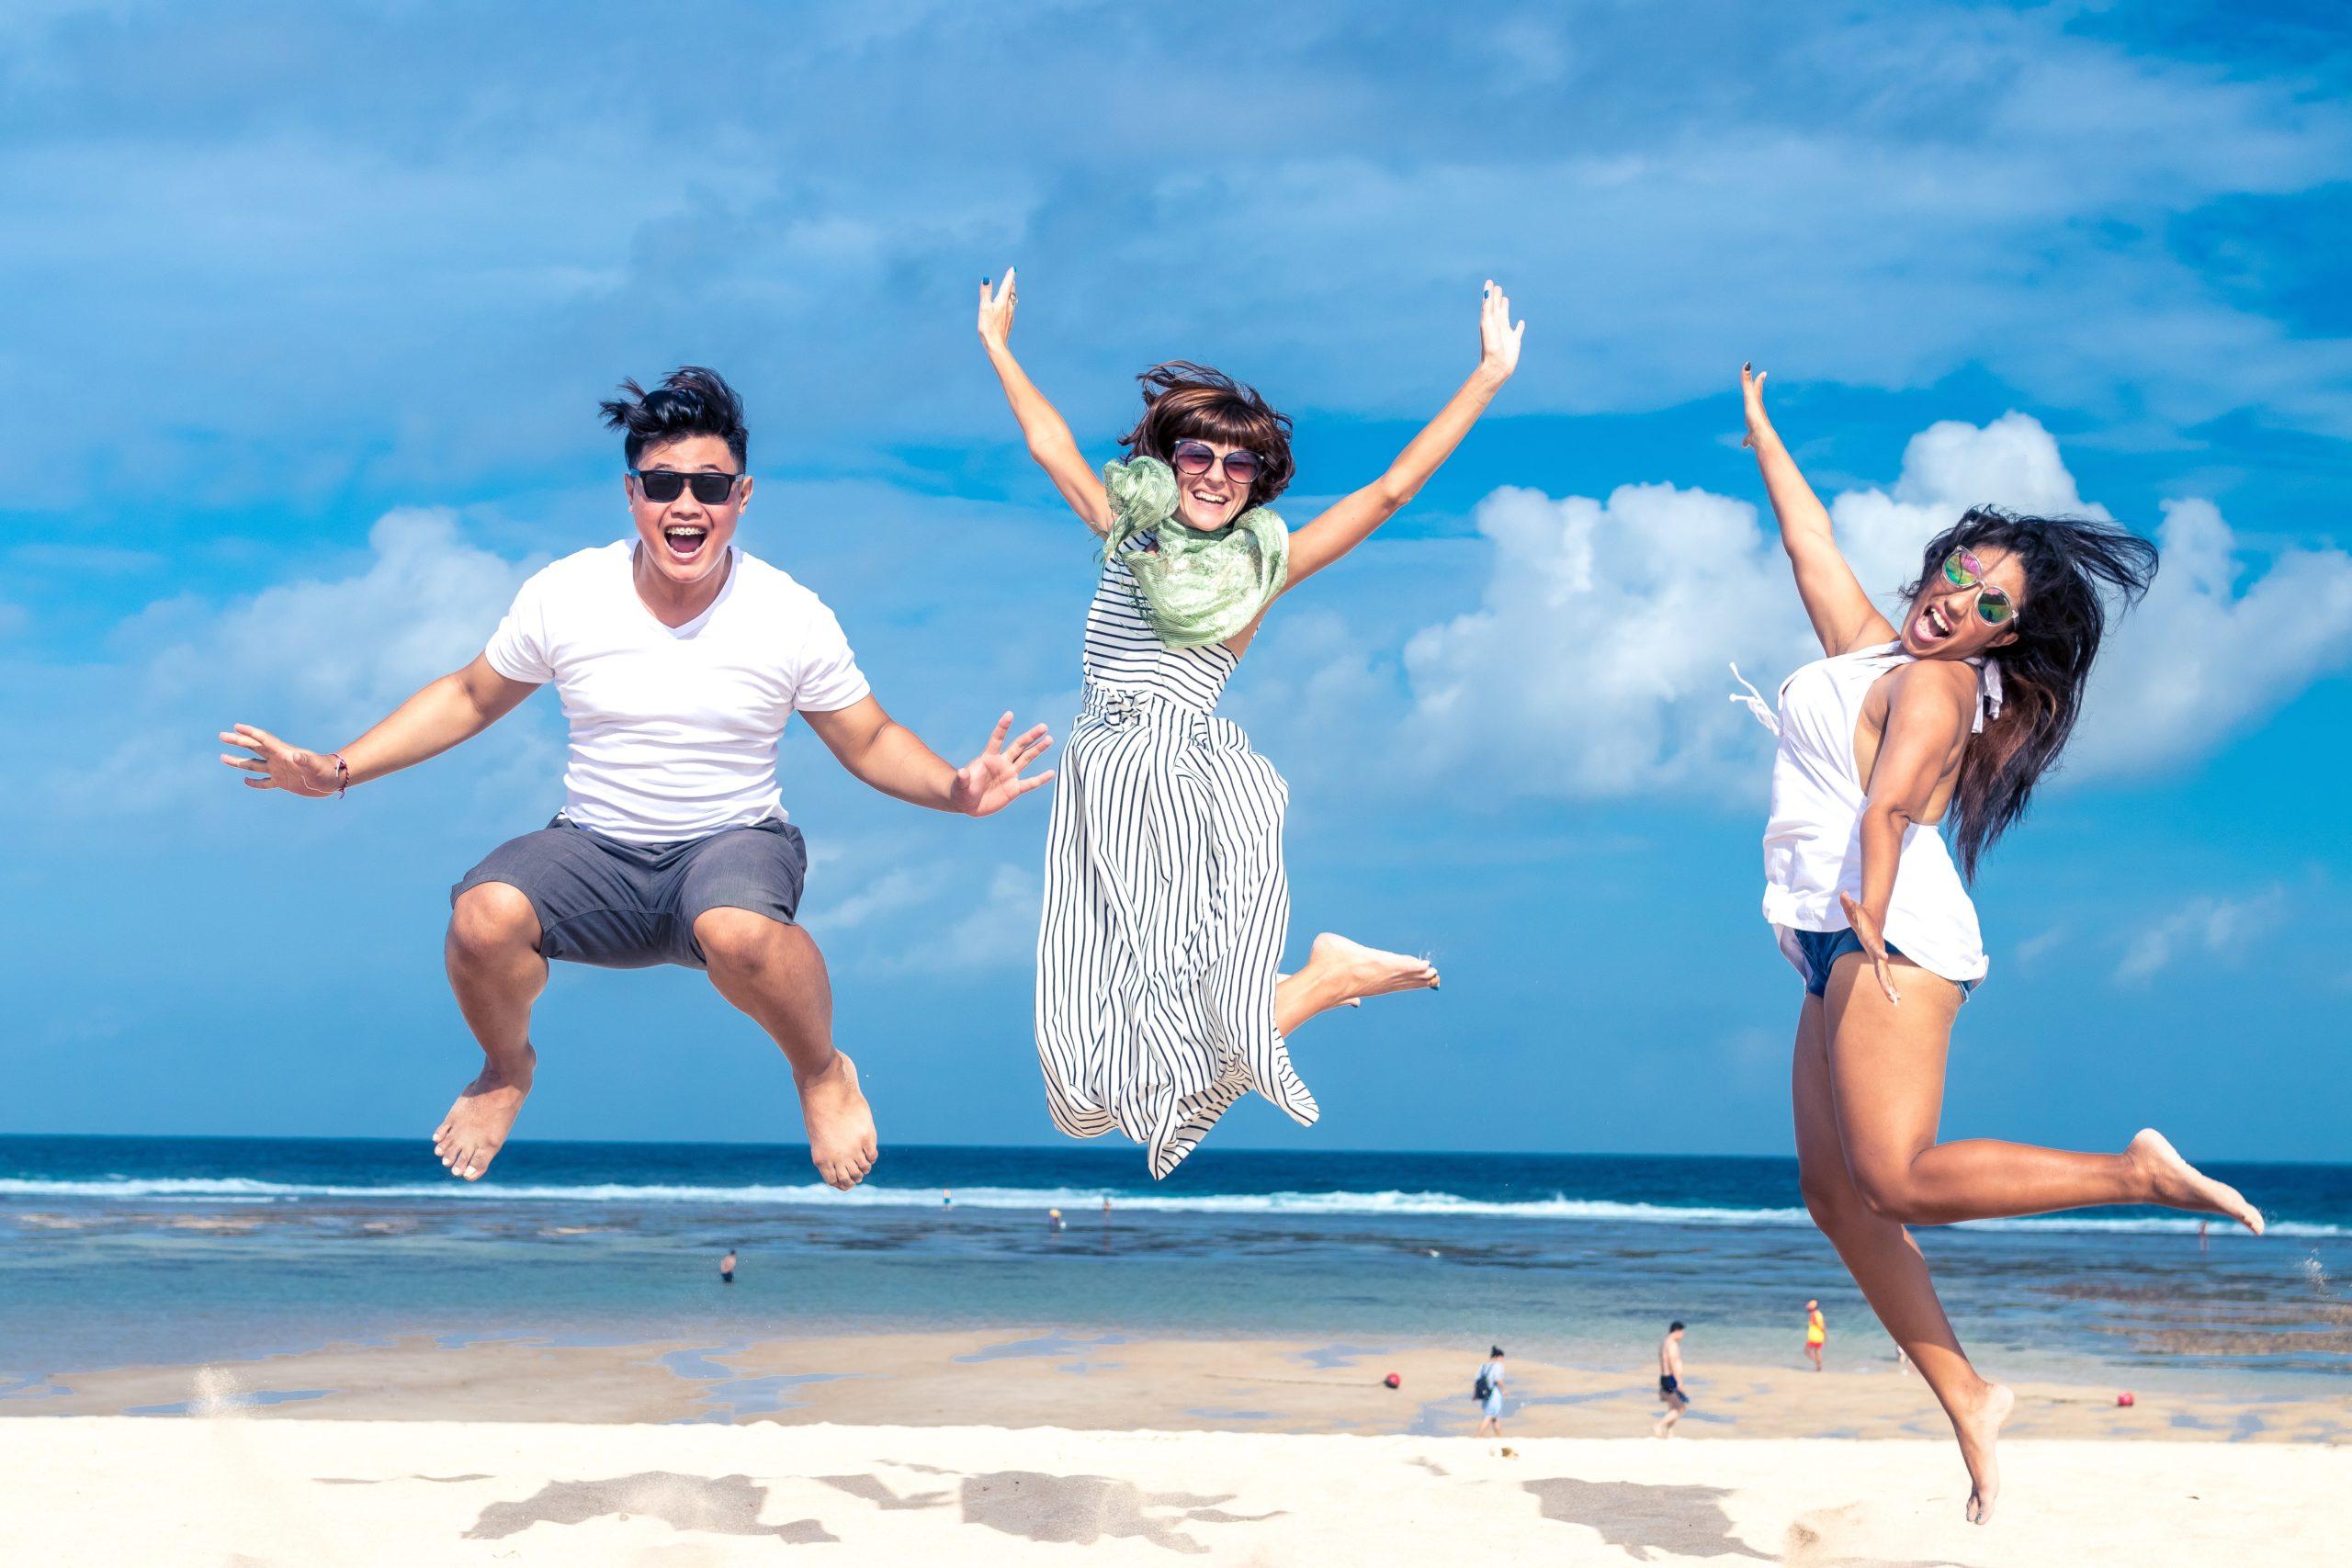 Beach Party Ideas To Throw A Birthday Bash